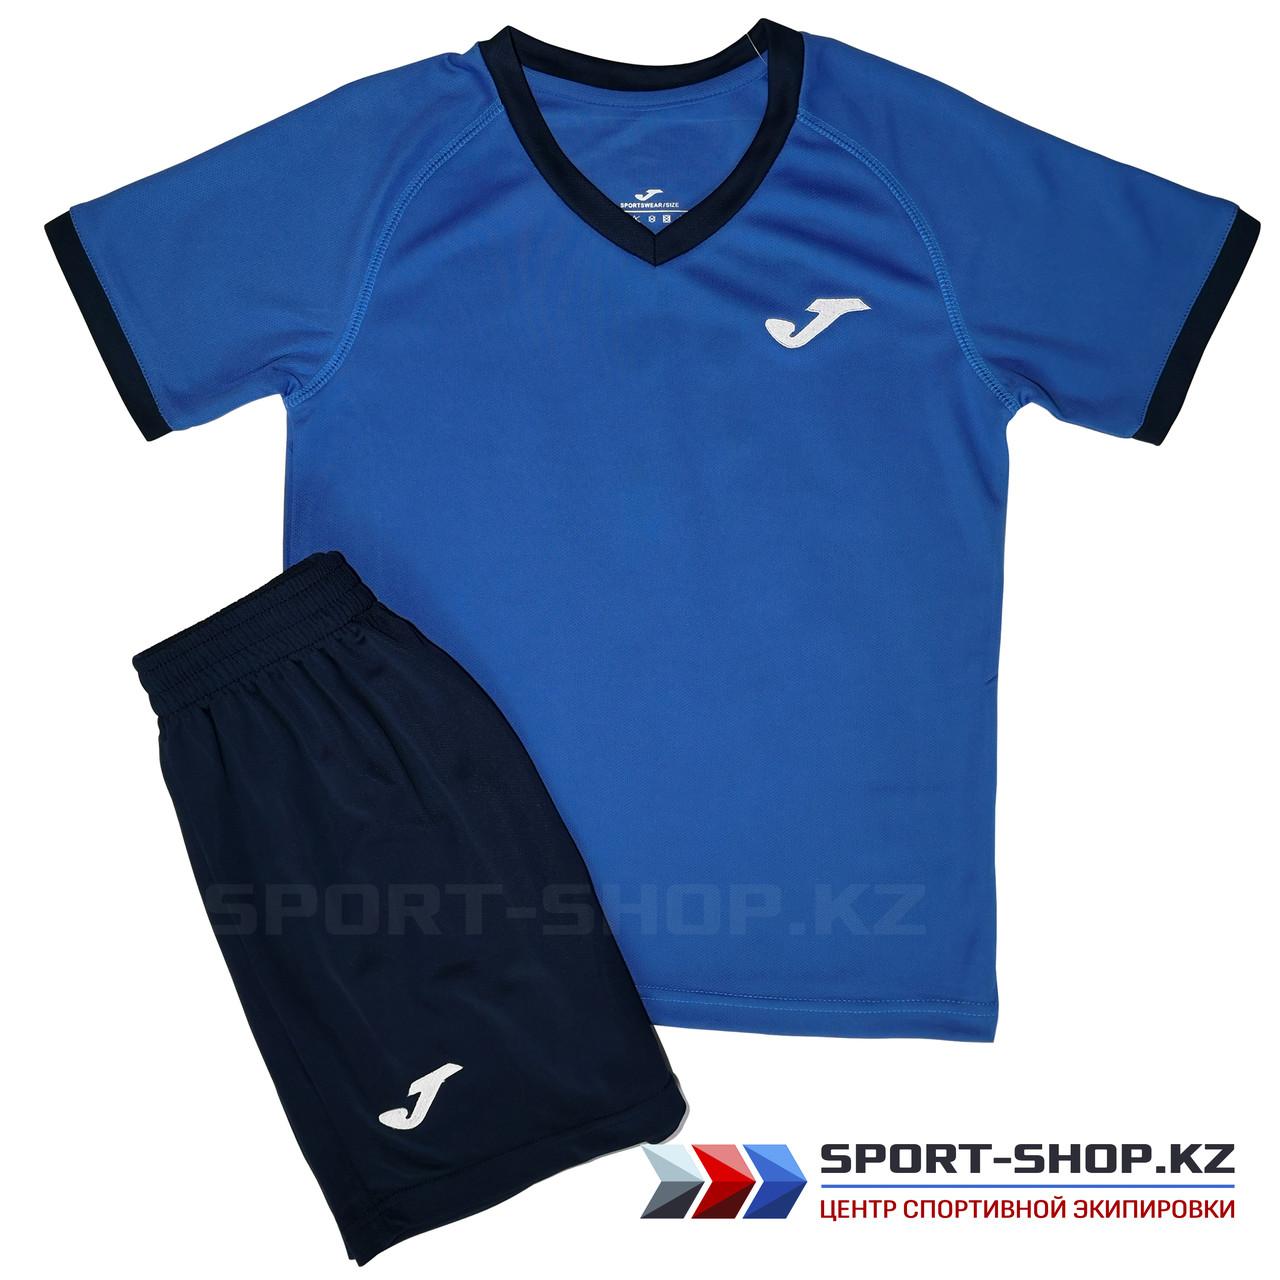 Детская футбольная форма-оригинал (Нейтральная) JOMA - фото 1